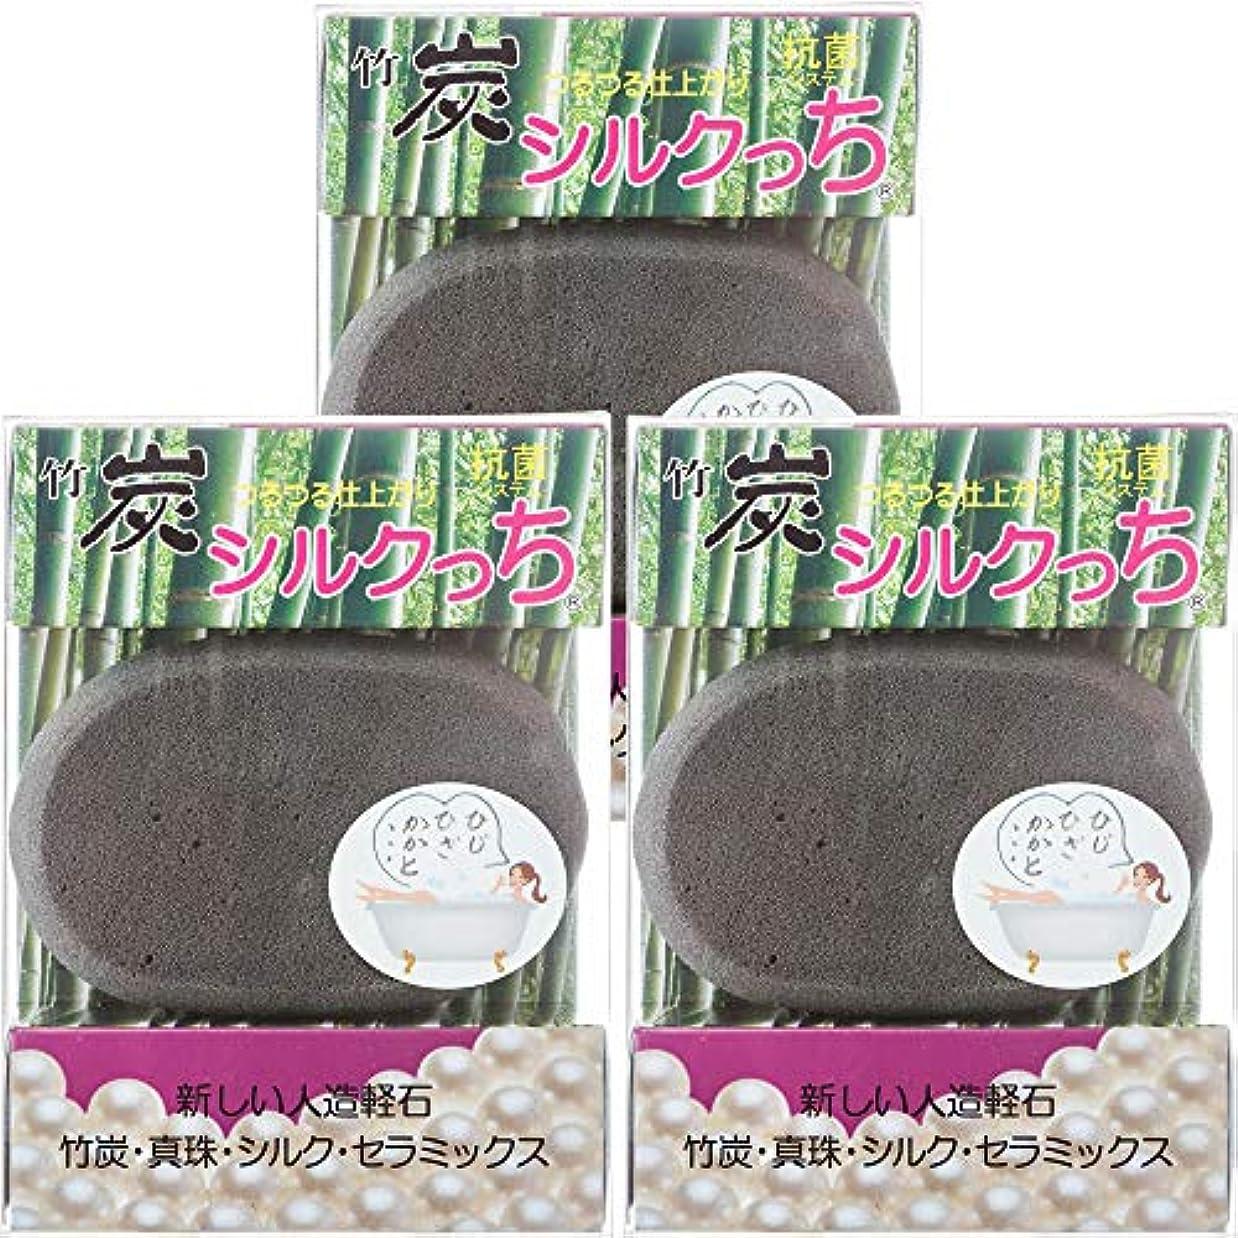 マーチャンダイジングお風呂を持っているやさしくつるつる仕上がり 新しい人造軽石 竹炭シルクっち 3個セット